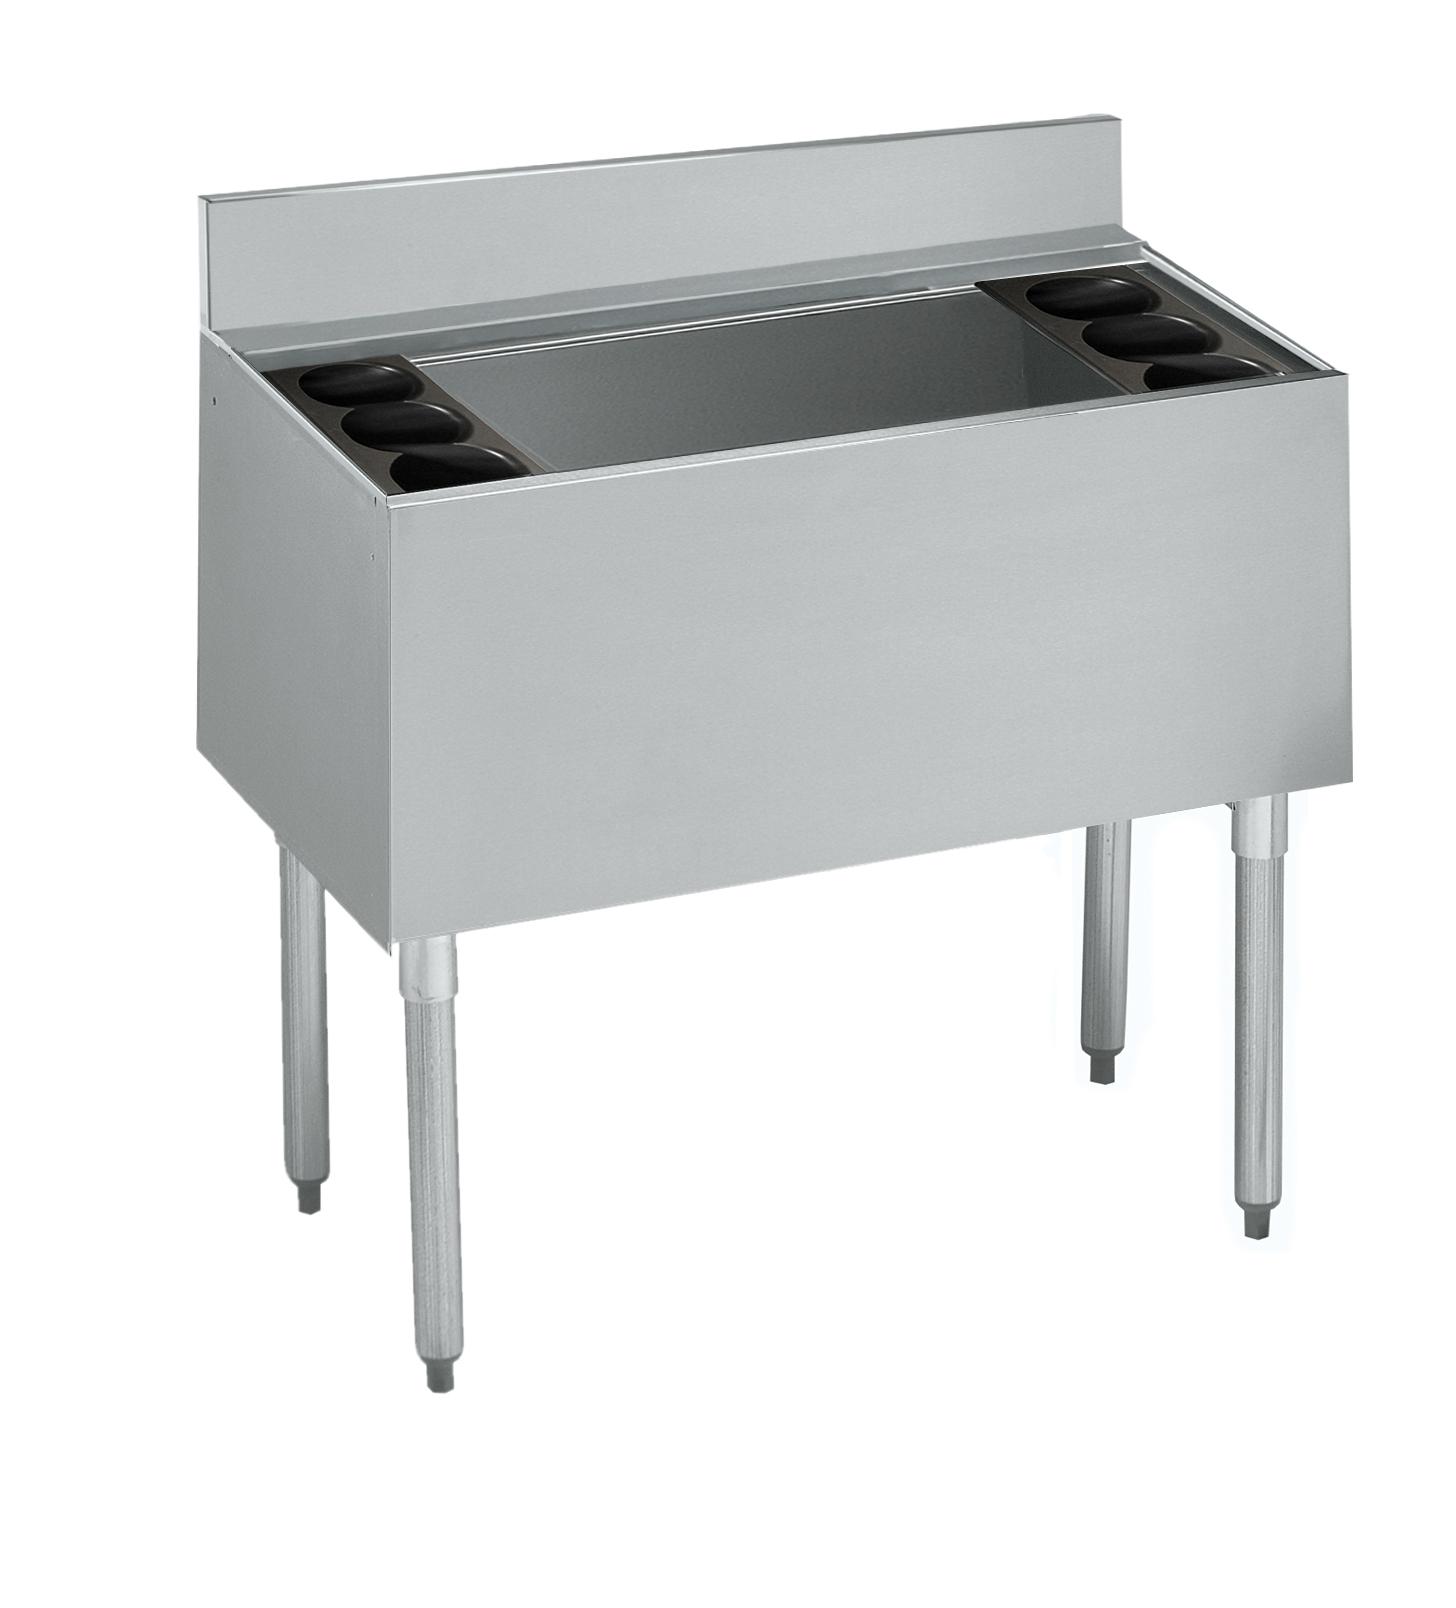 Krowne Metal 21-42C underbar sink units